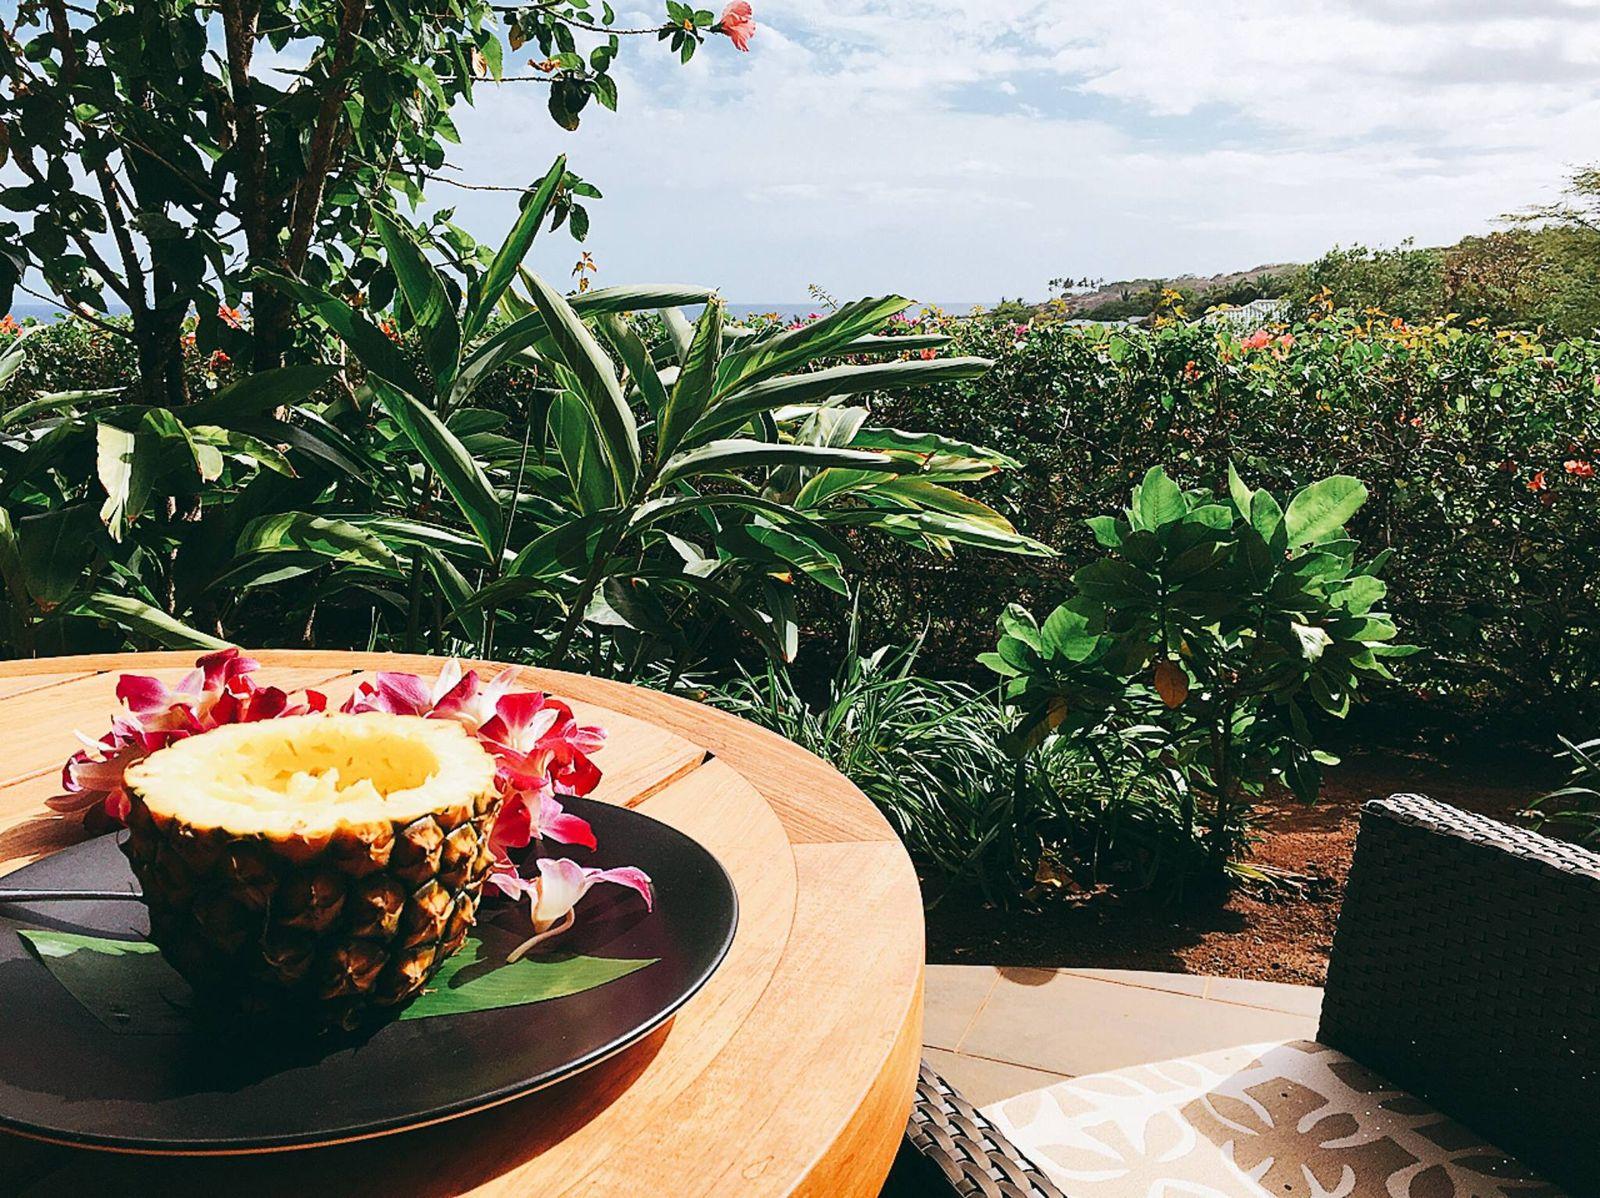 いかがでしたか?地上の楽園、という表現がぴったりのハワイ・ラナイ島に、皆さんも「有休ハワイ」しに行ってみてくださいね。